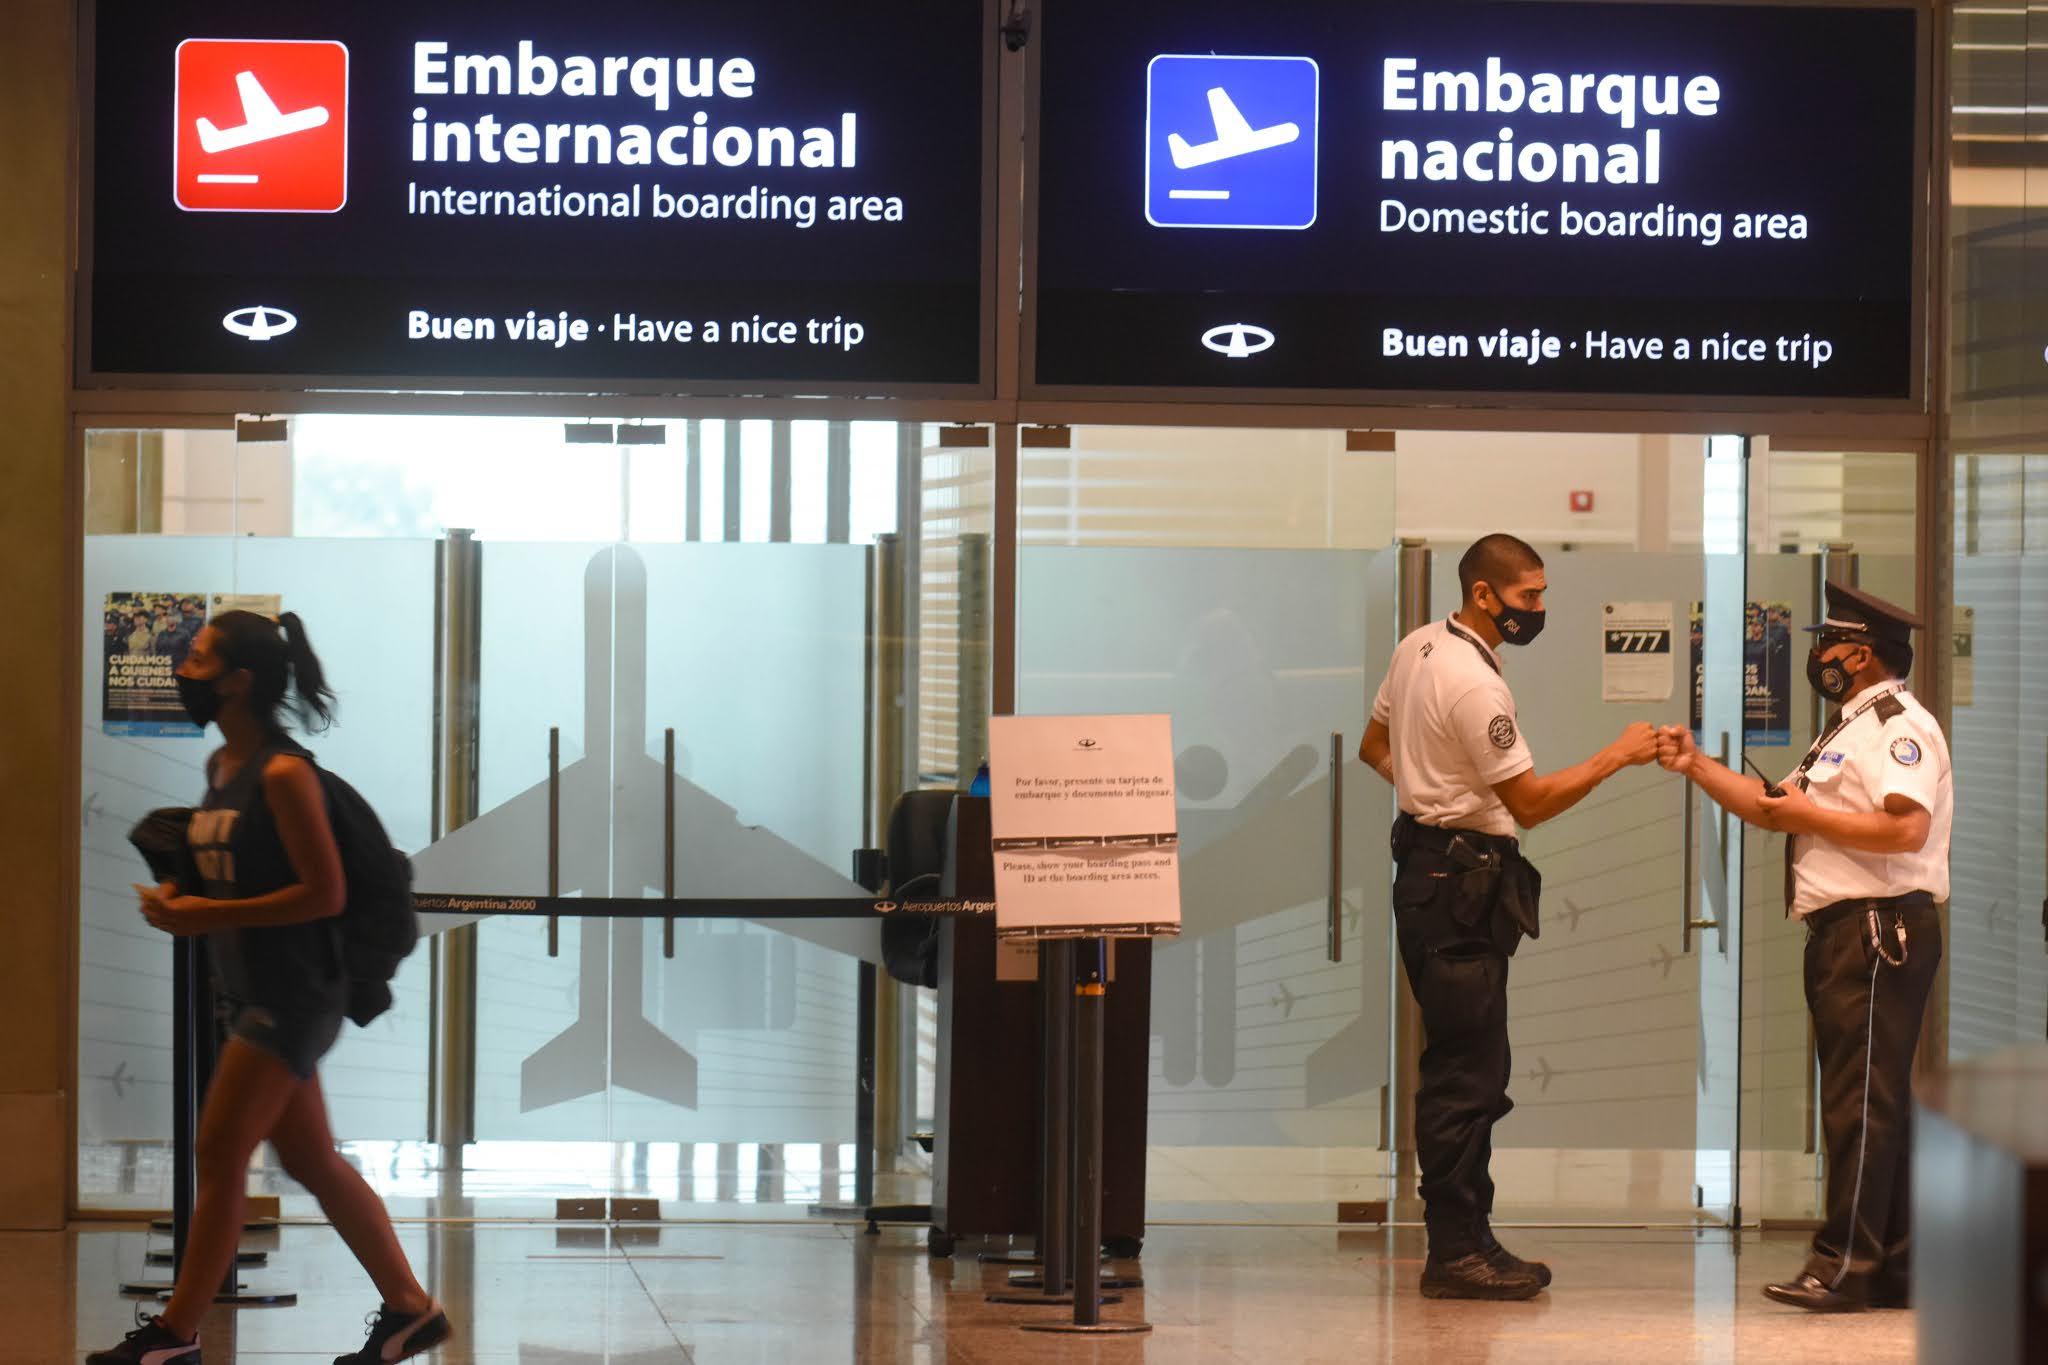 El Gobierno prepara restricciones al turismo ante la inminente llegada de la segunda ola de coronavirus